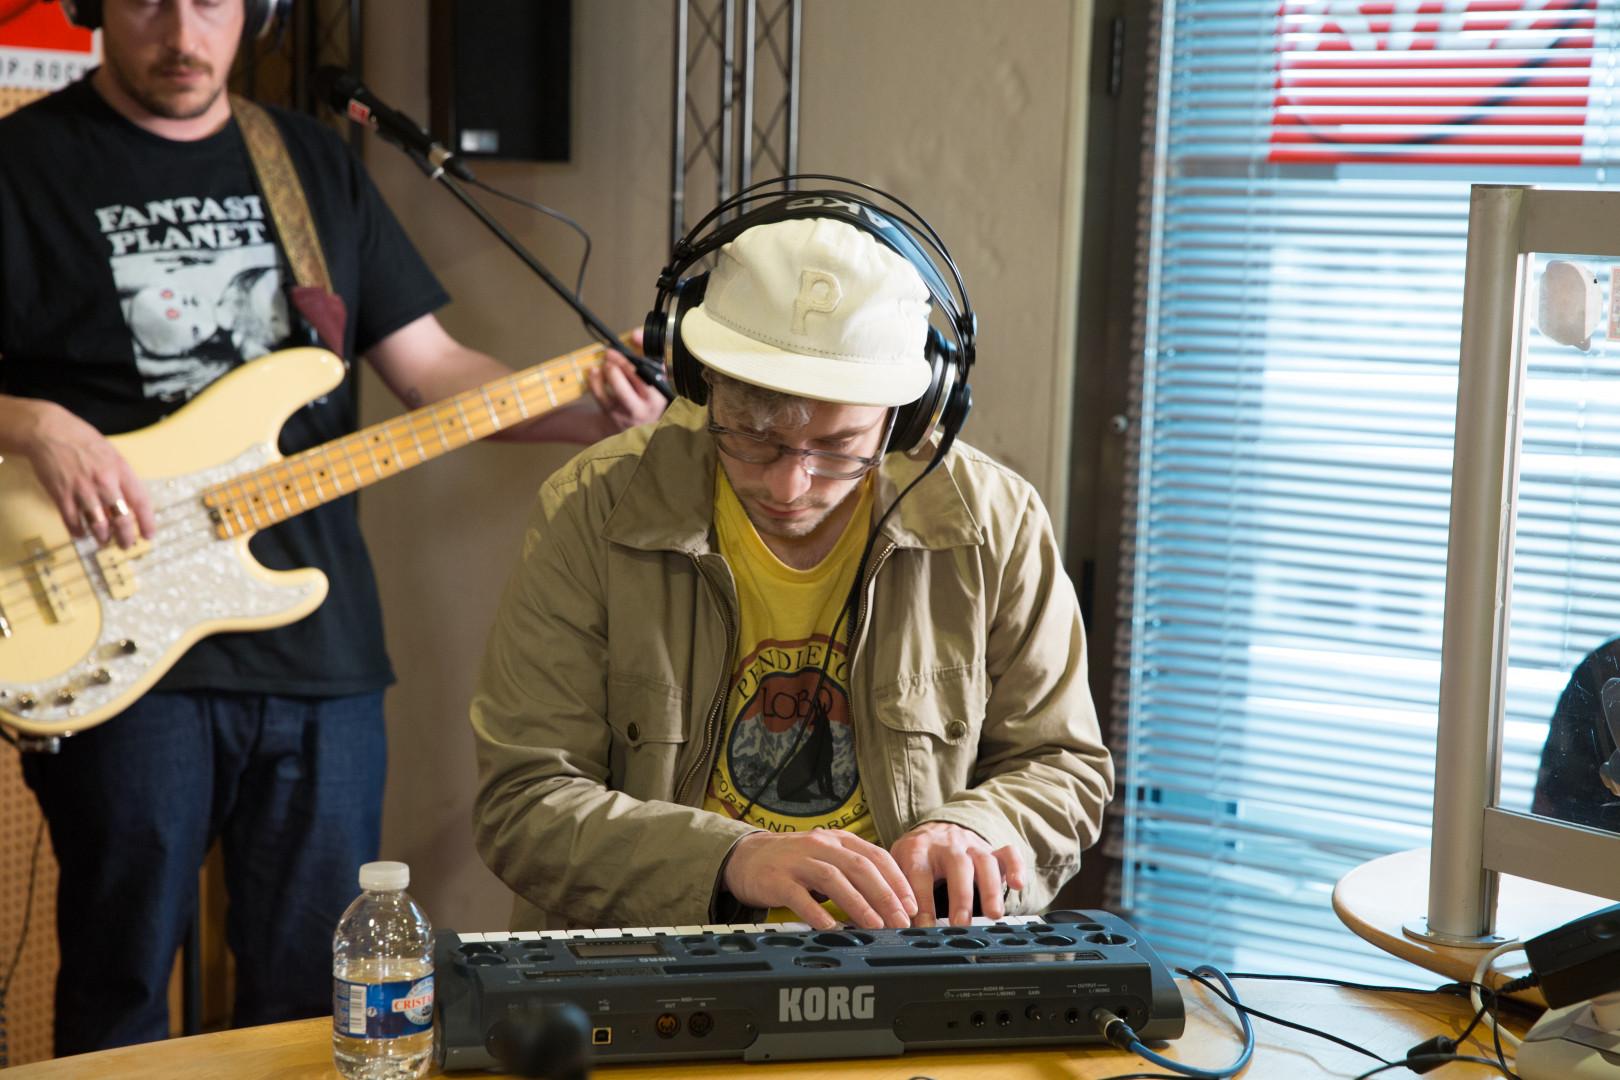 Kyle O'Quin de Portugal. The Man en session acoustique pour RTL2